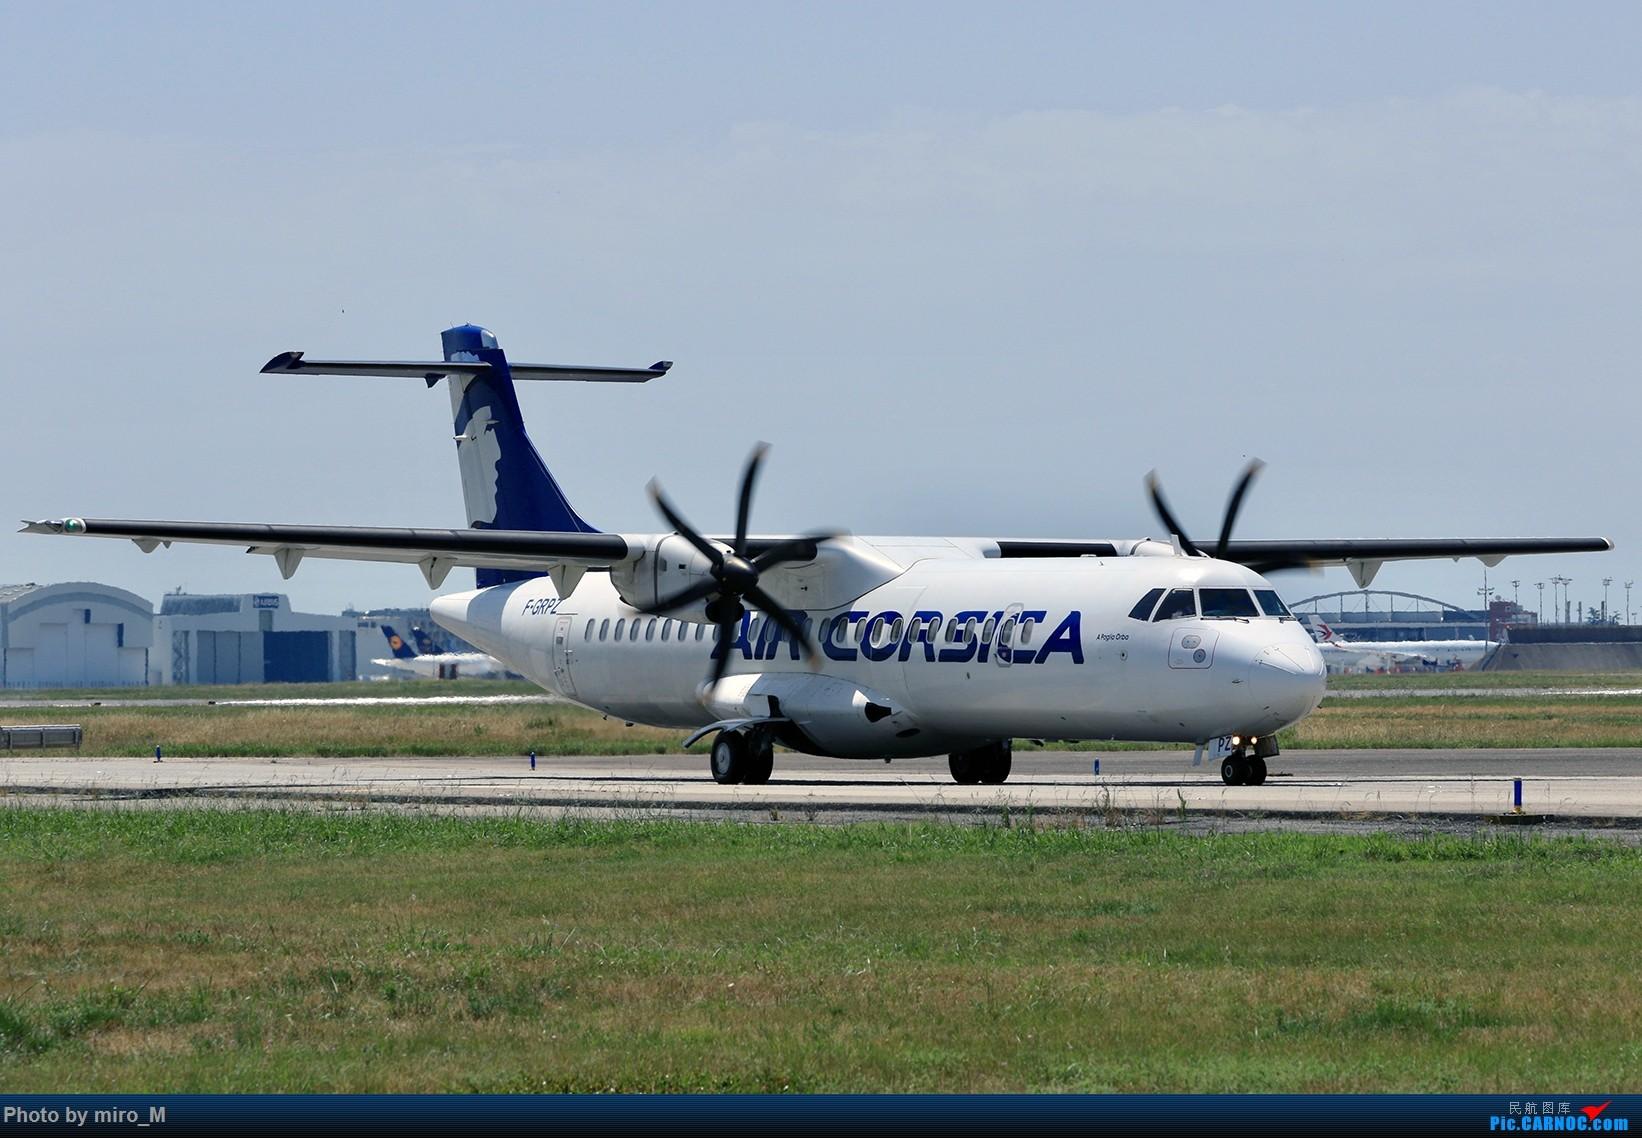 Re:歐洲小眾機型體驗之旅,附所到的機場拍機圖片(中)